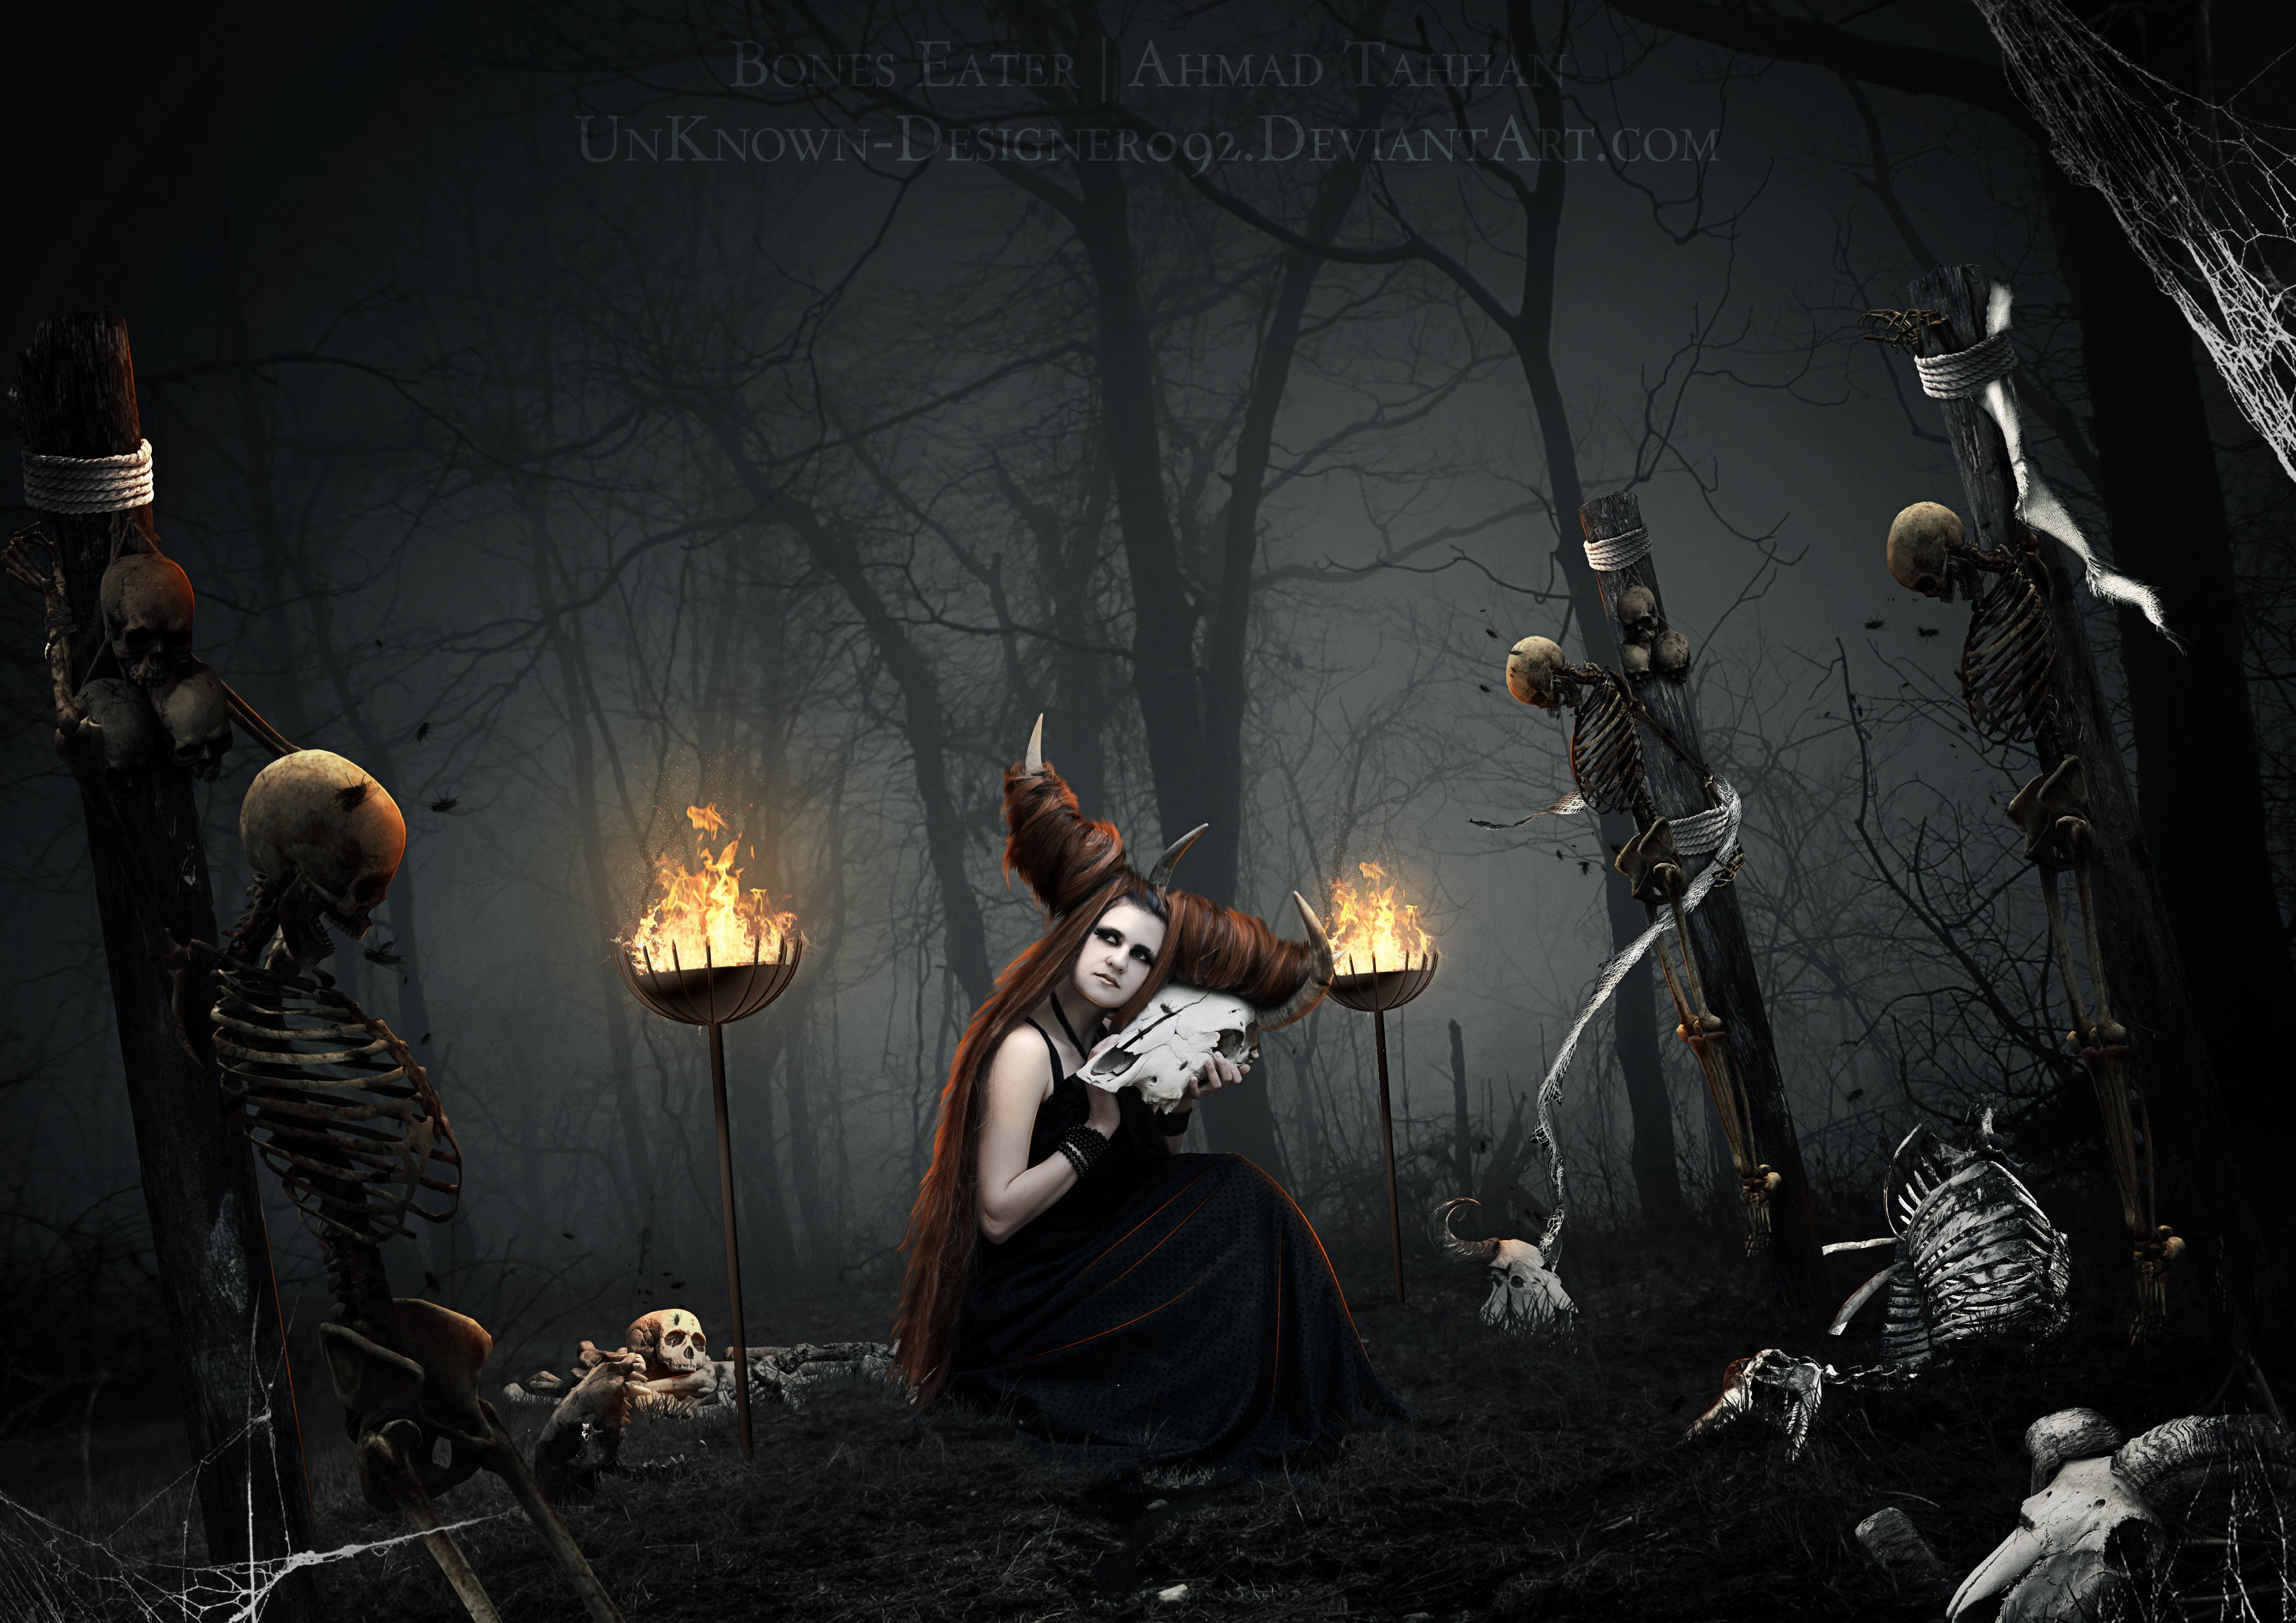 Bones Eater by UnKnown-Designer092